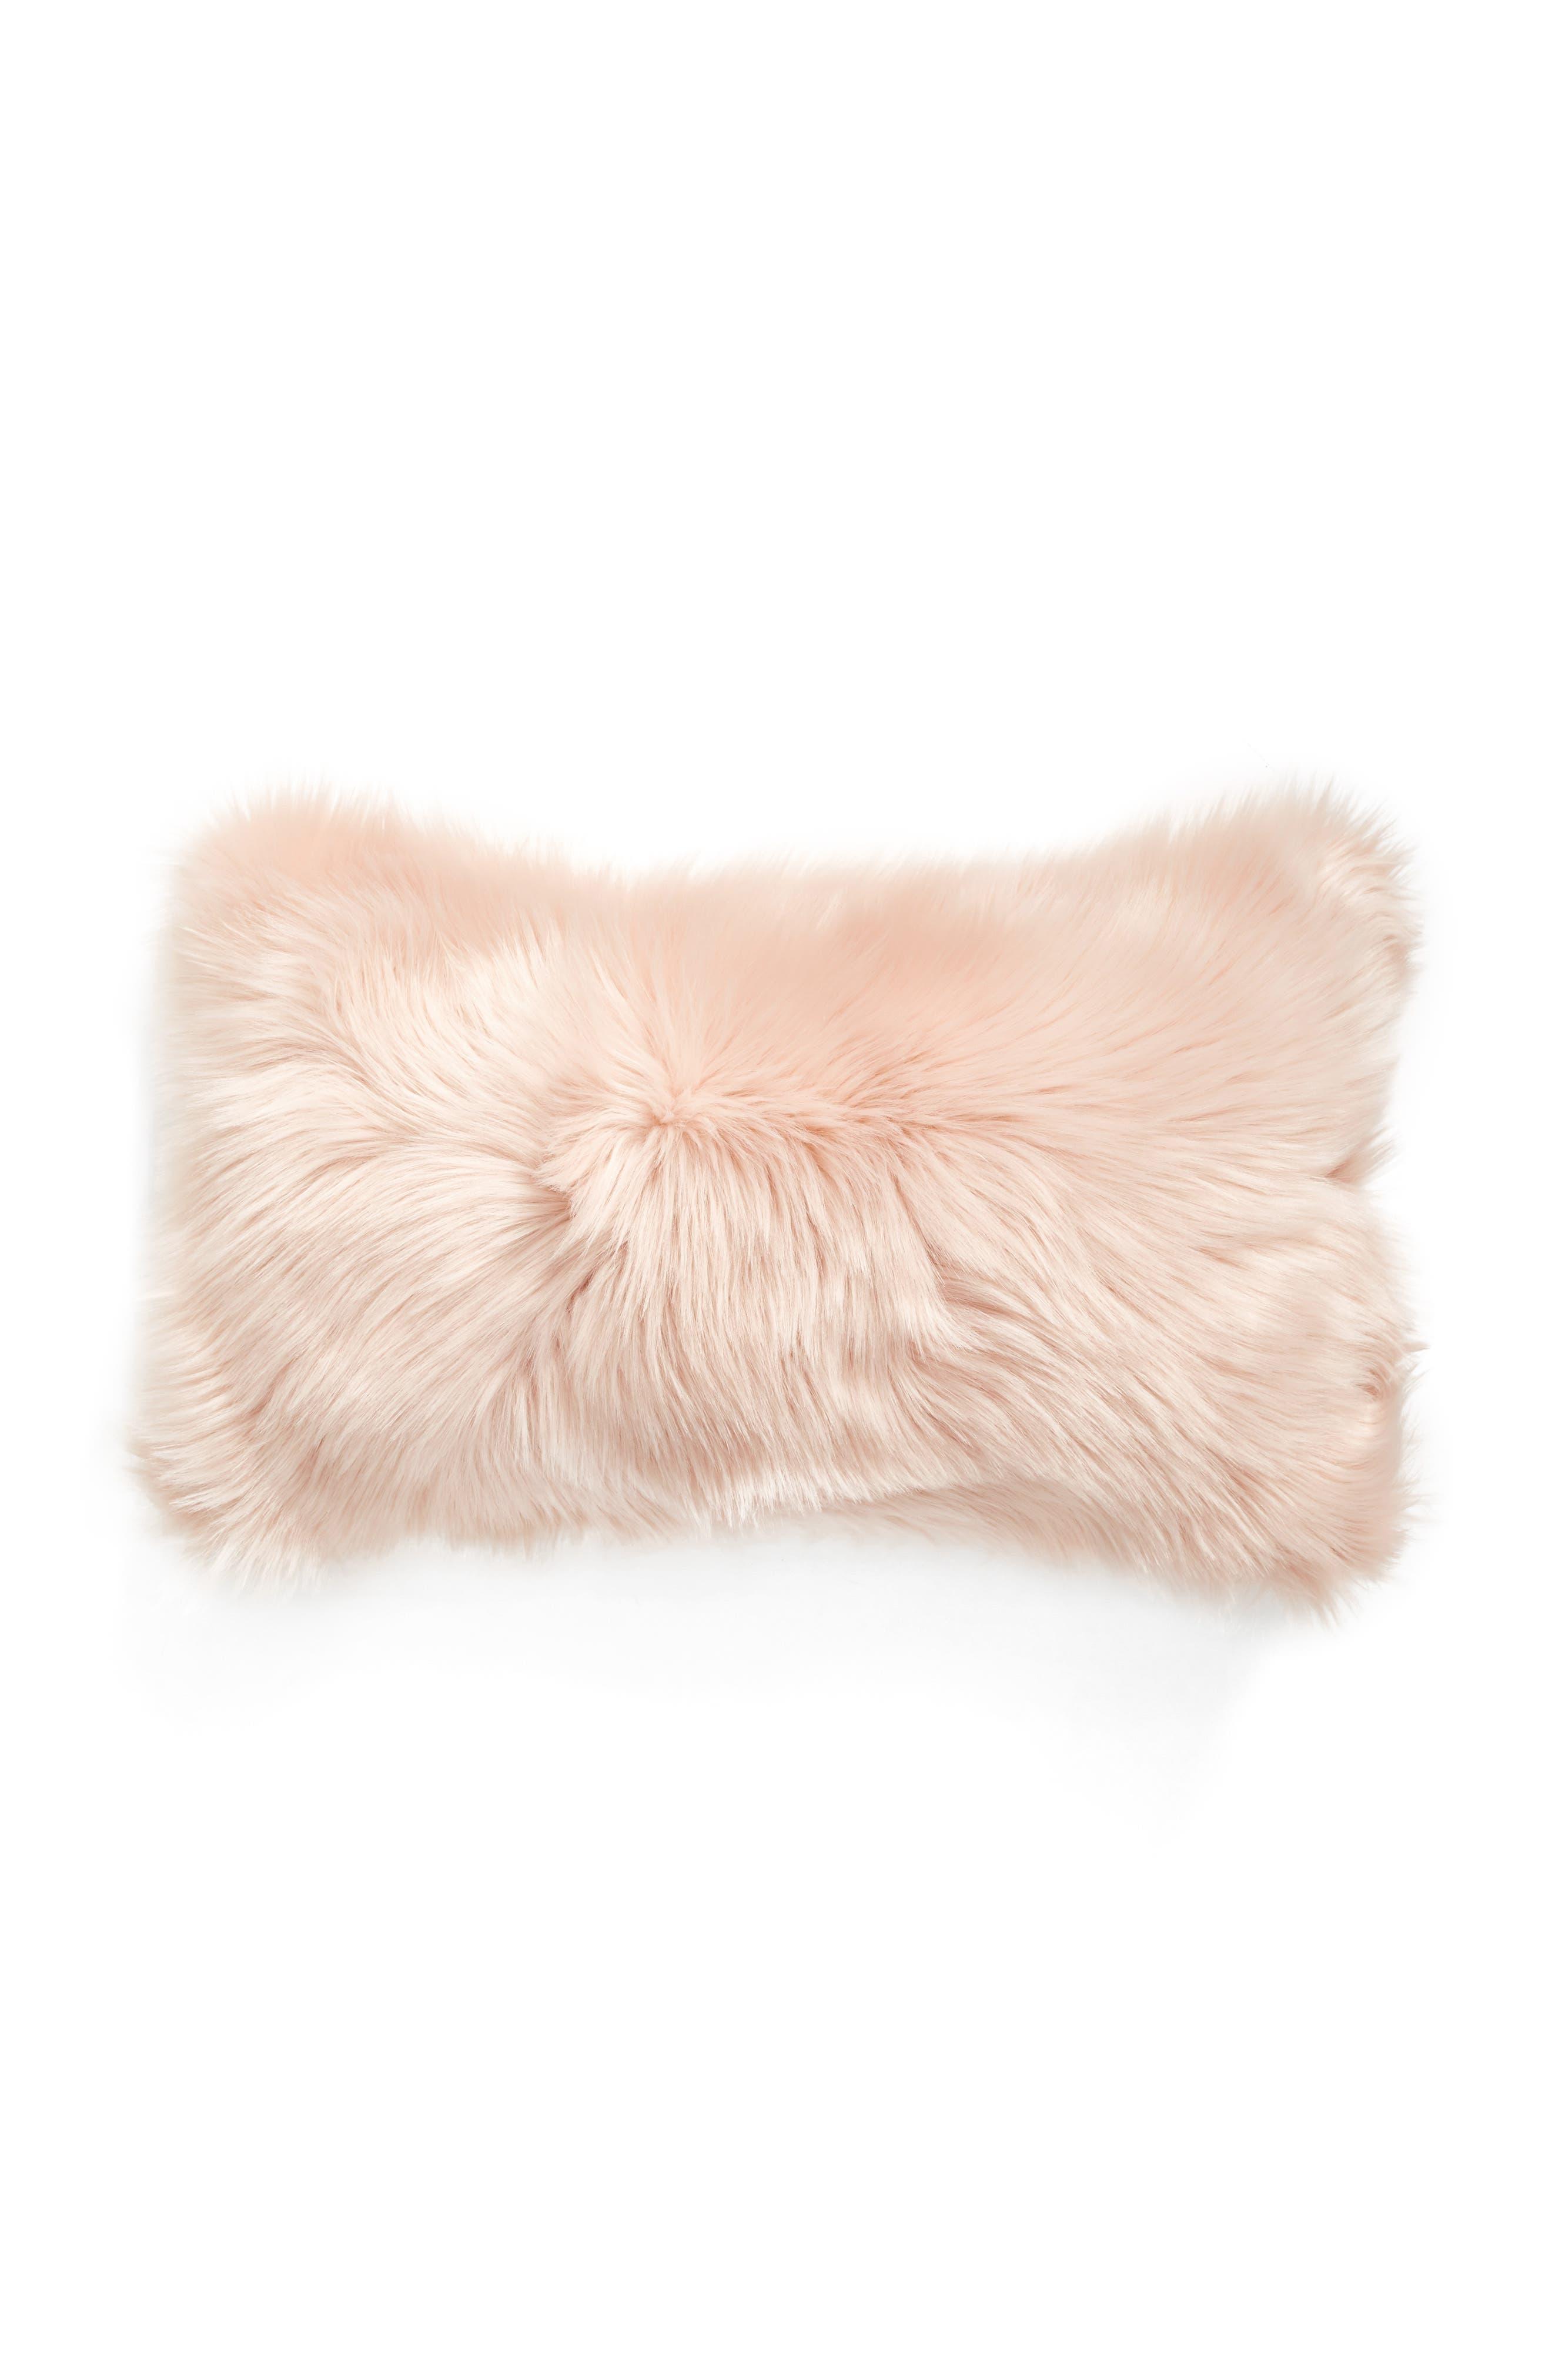 'Sumptuous' Faux Fur Accent Pillow,                             Alternate thumbnail 2, color,                             ROSE